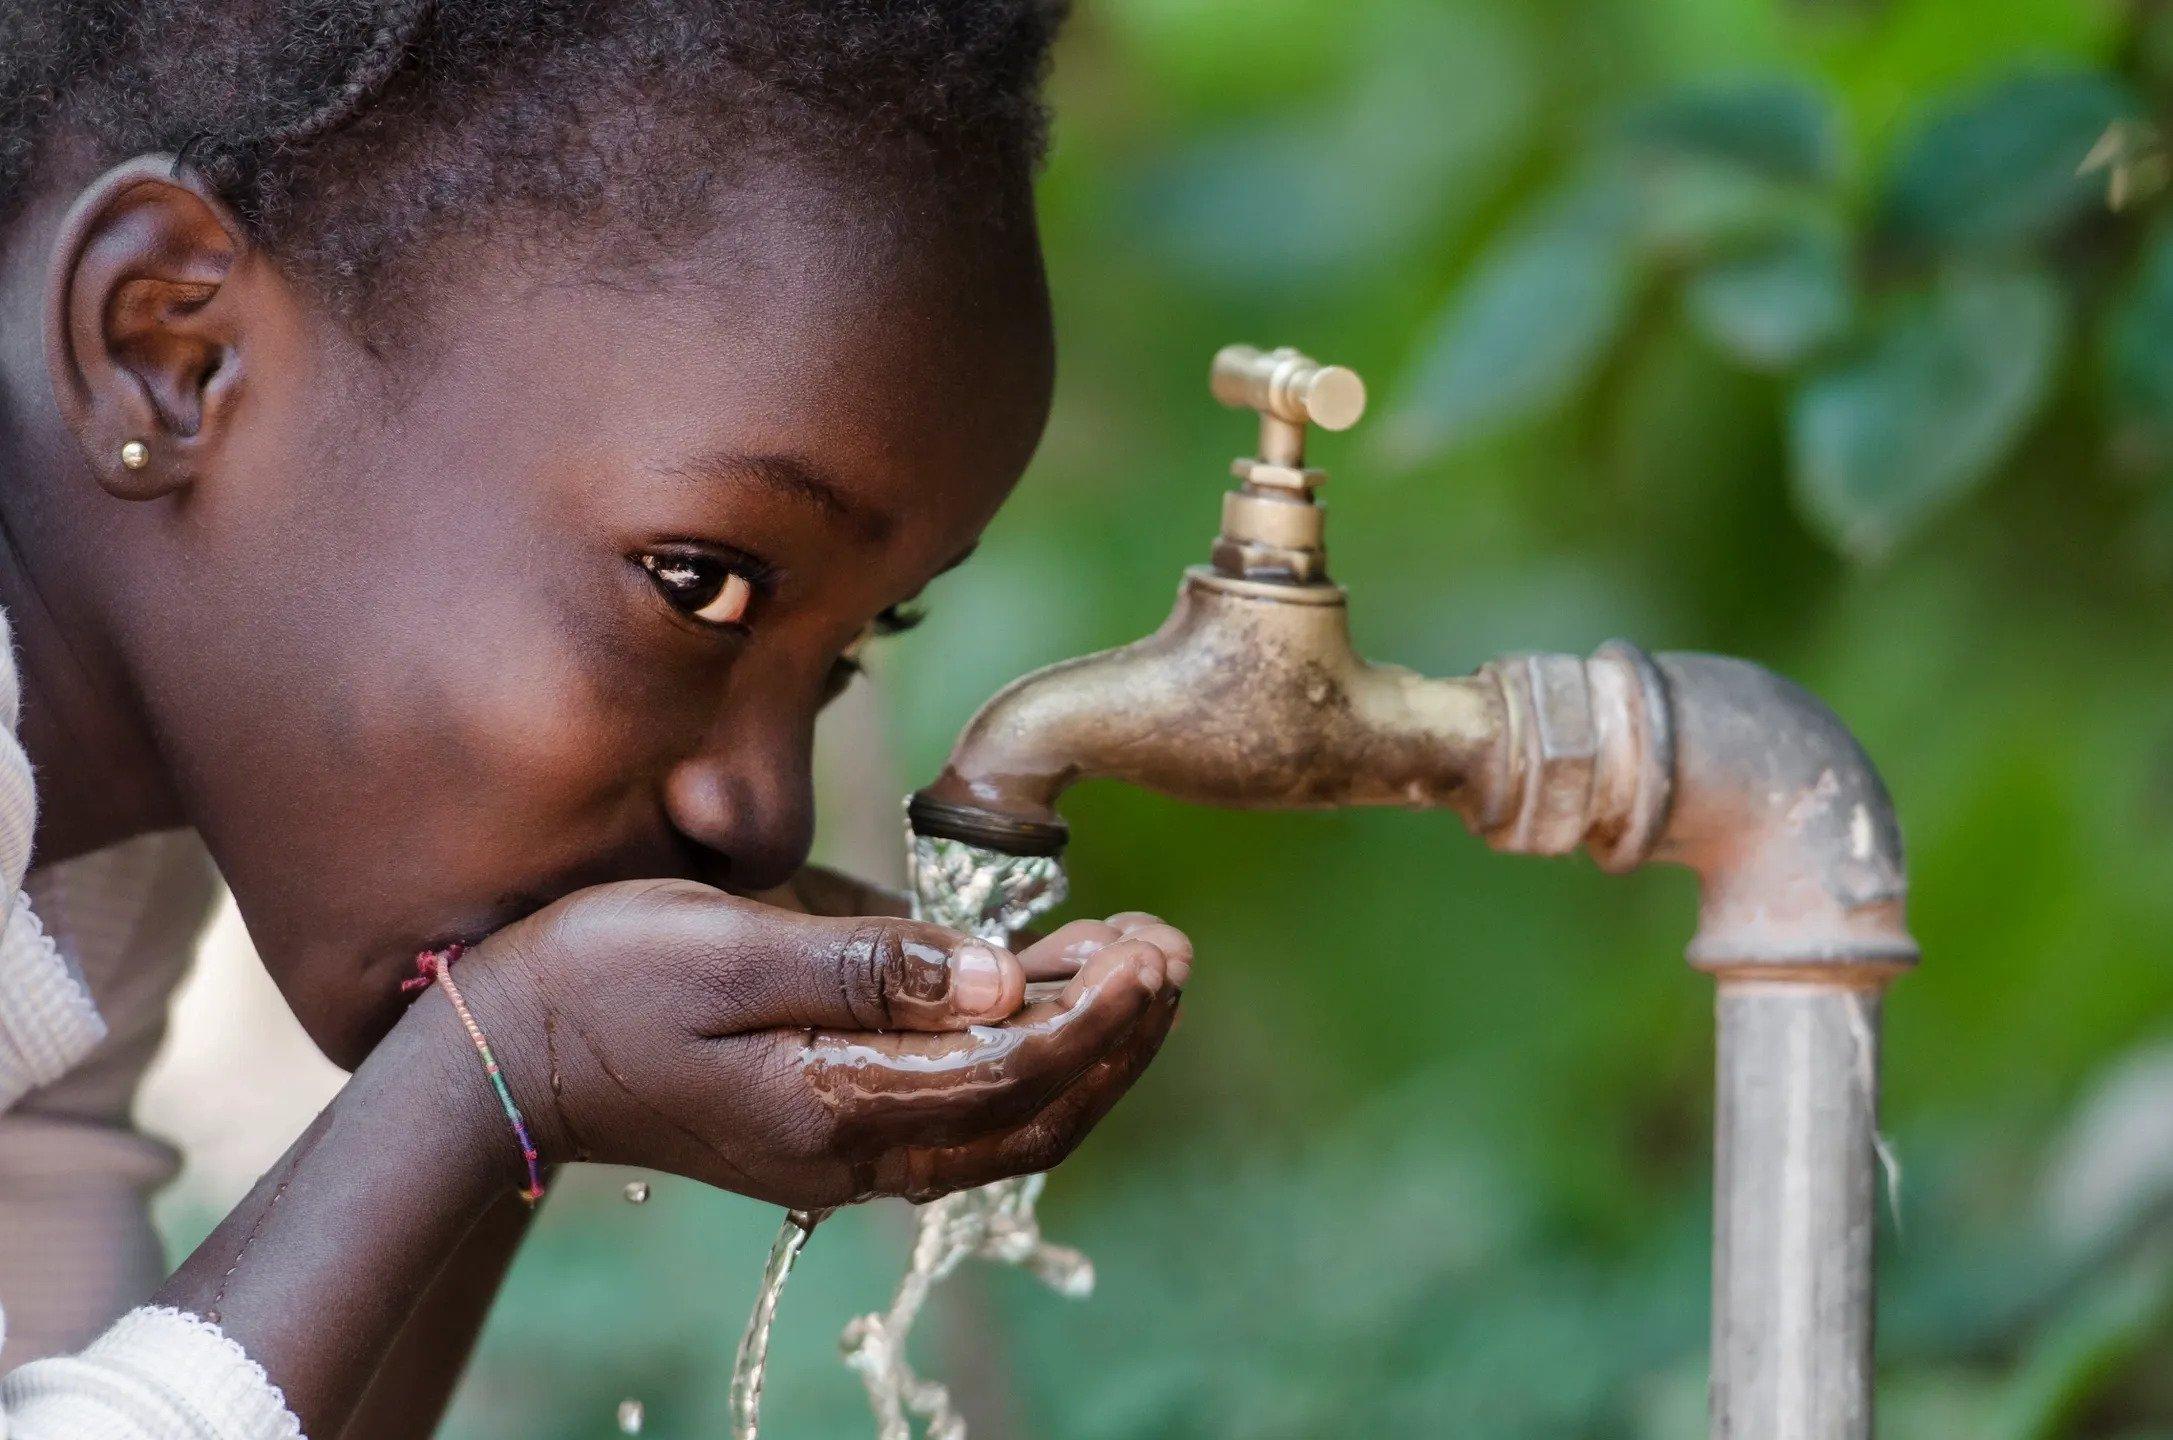 Haiti girl drinking water